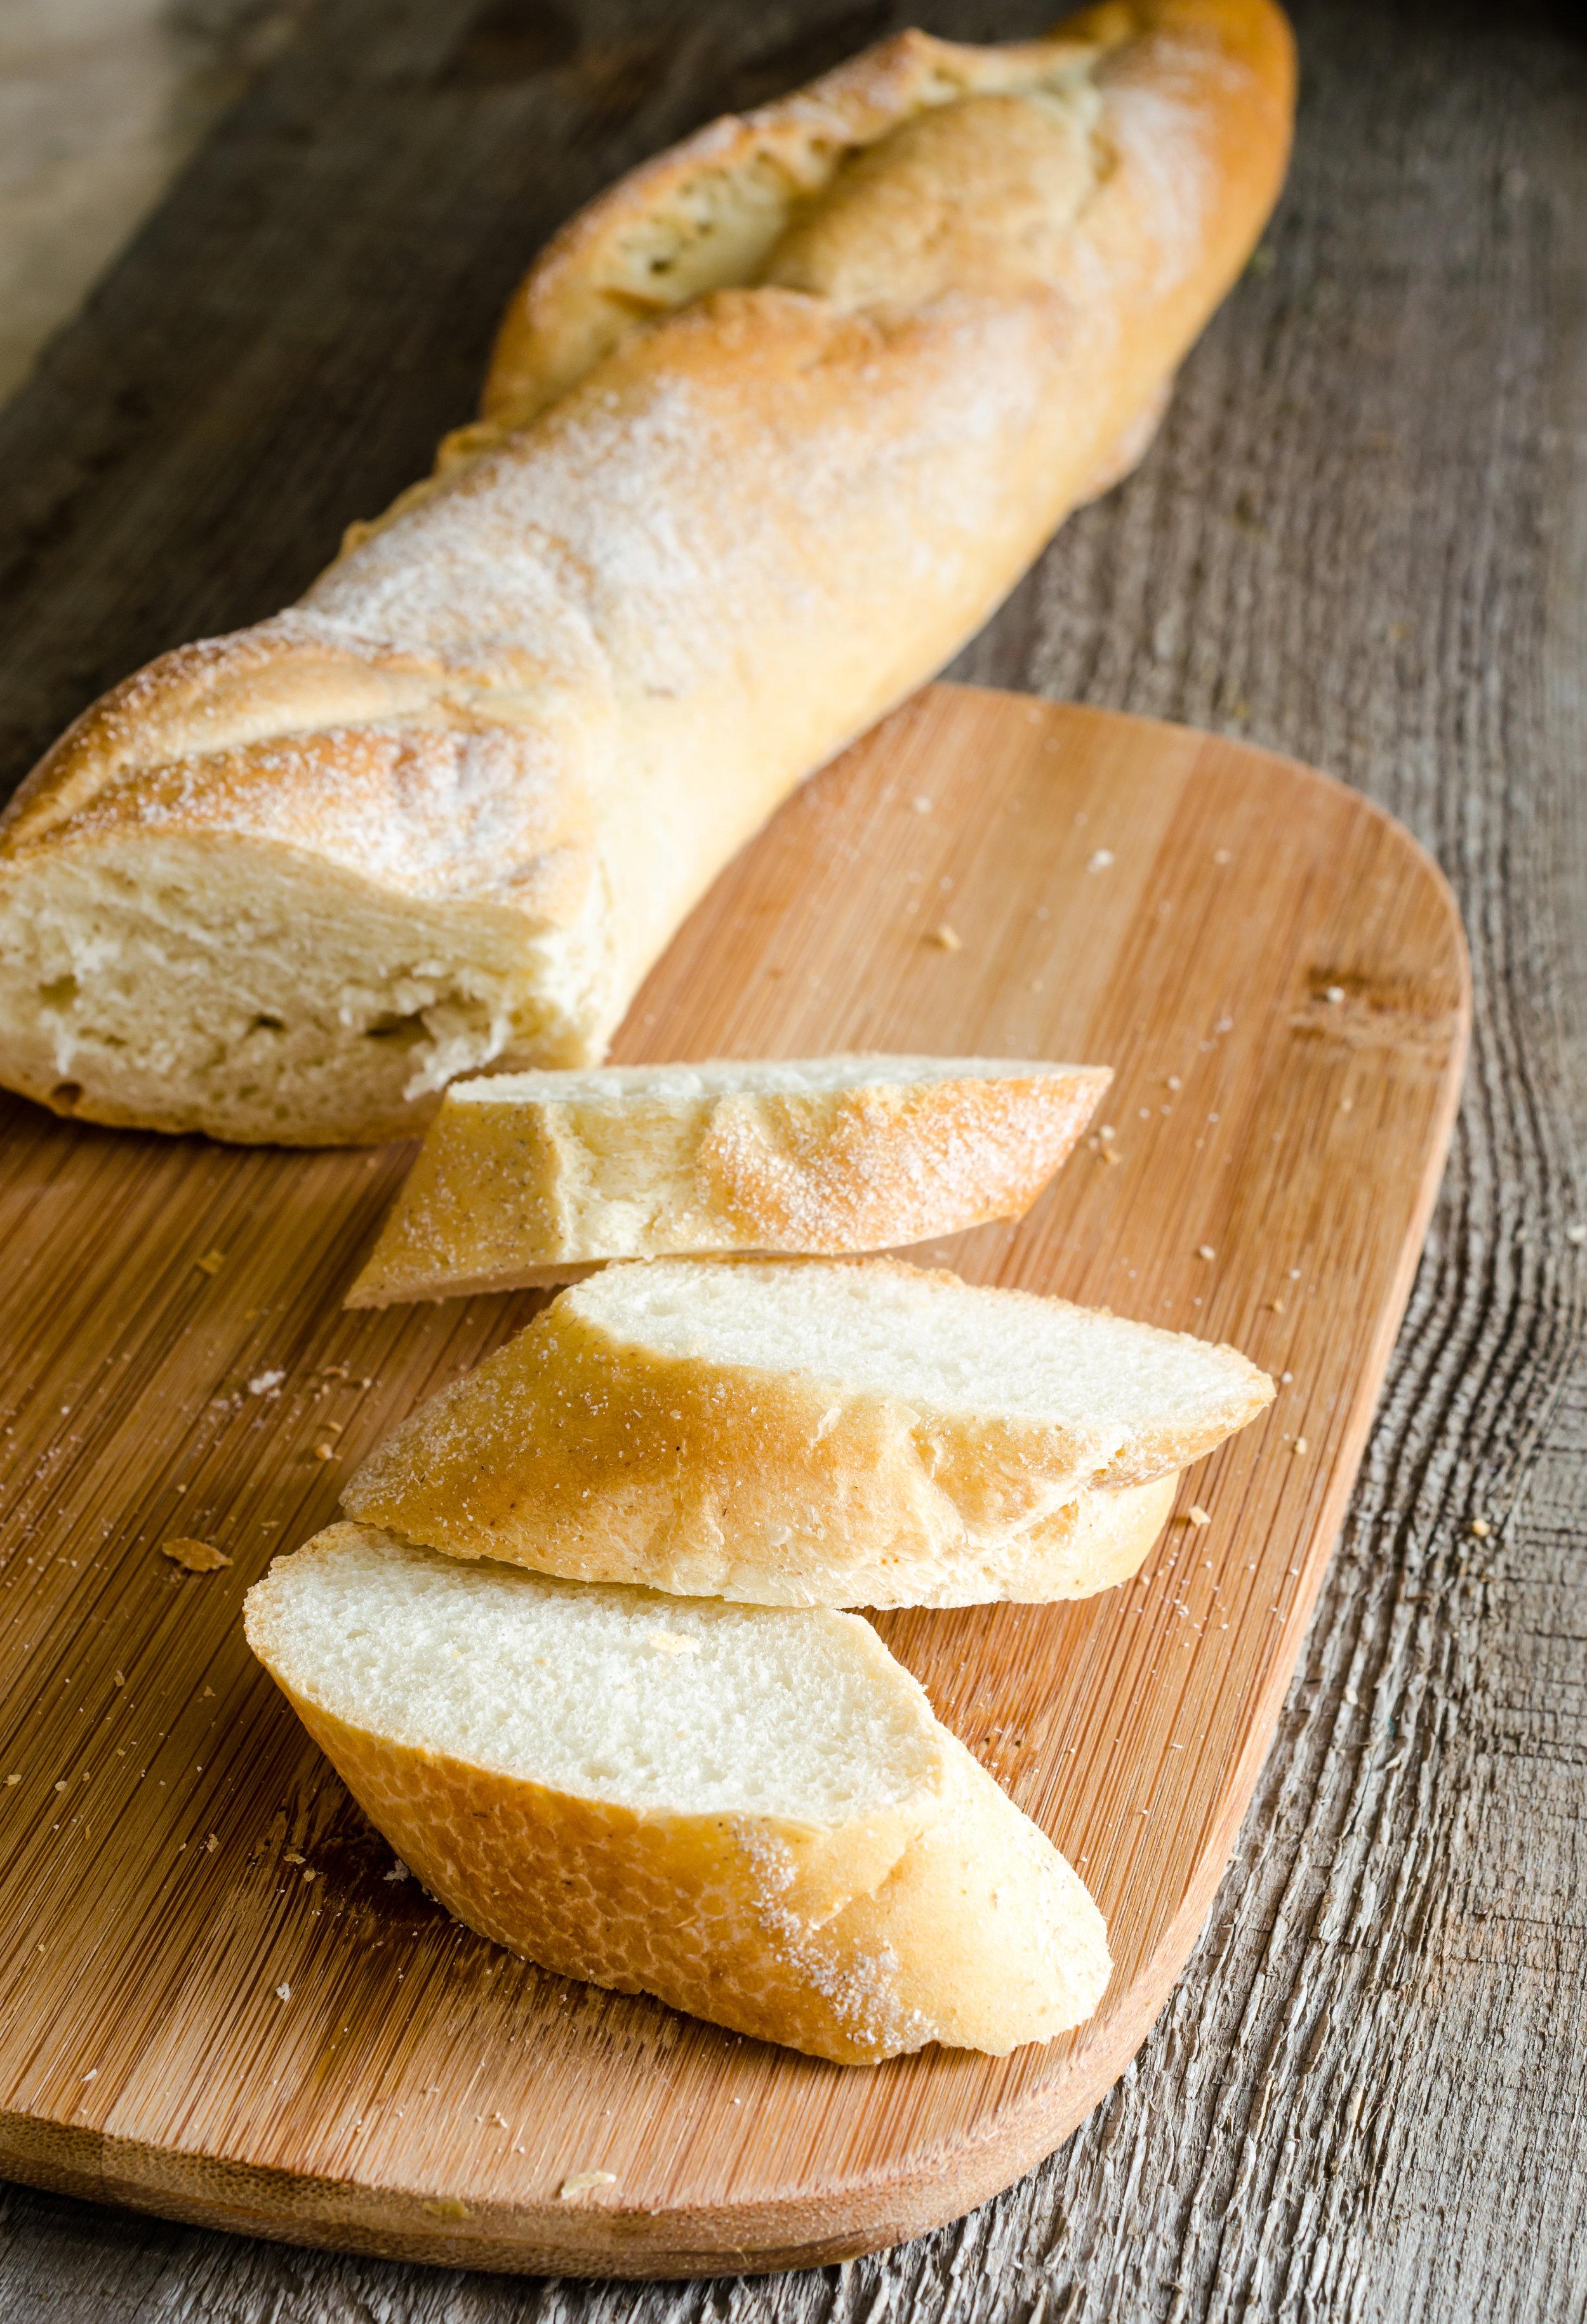 bigstock-sliced-french-bread-baguette-50724356-2.jpg